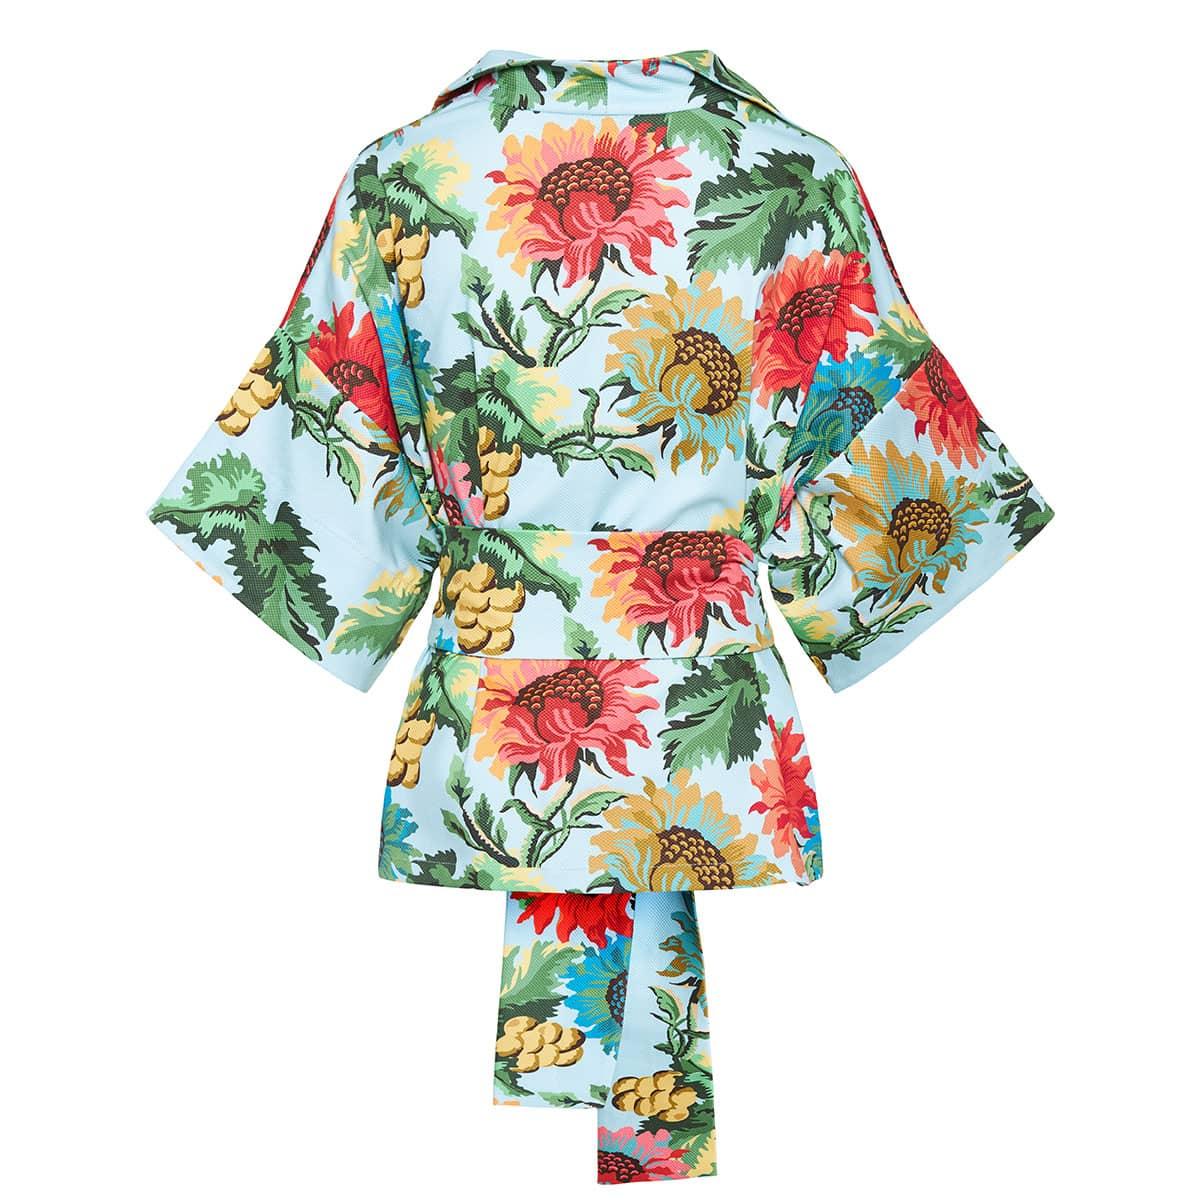 Claudia floral kimono blouse